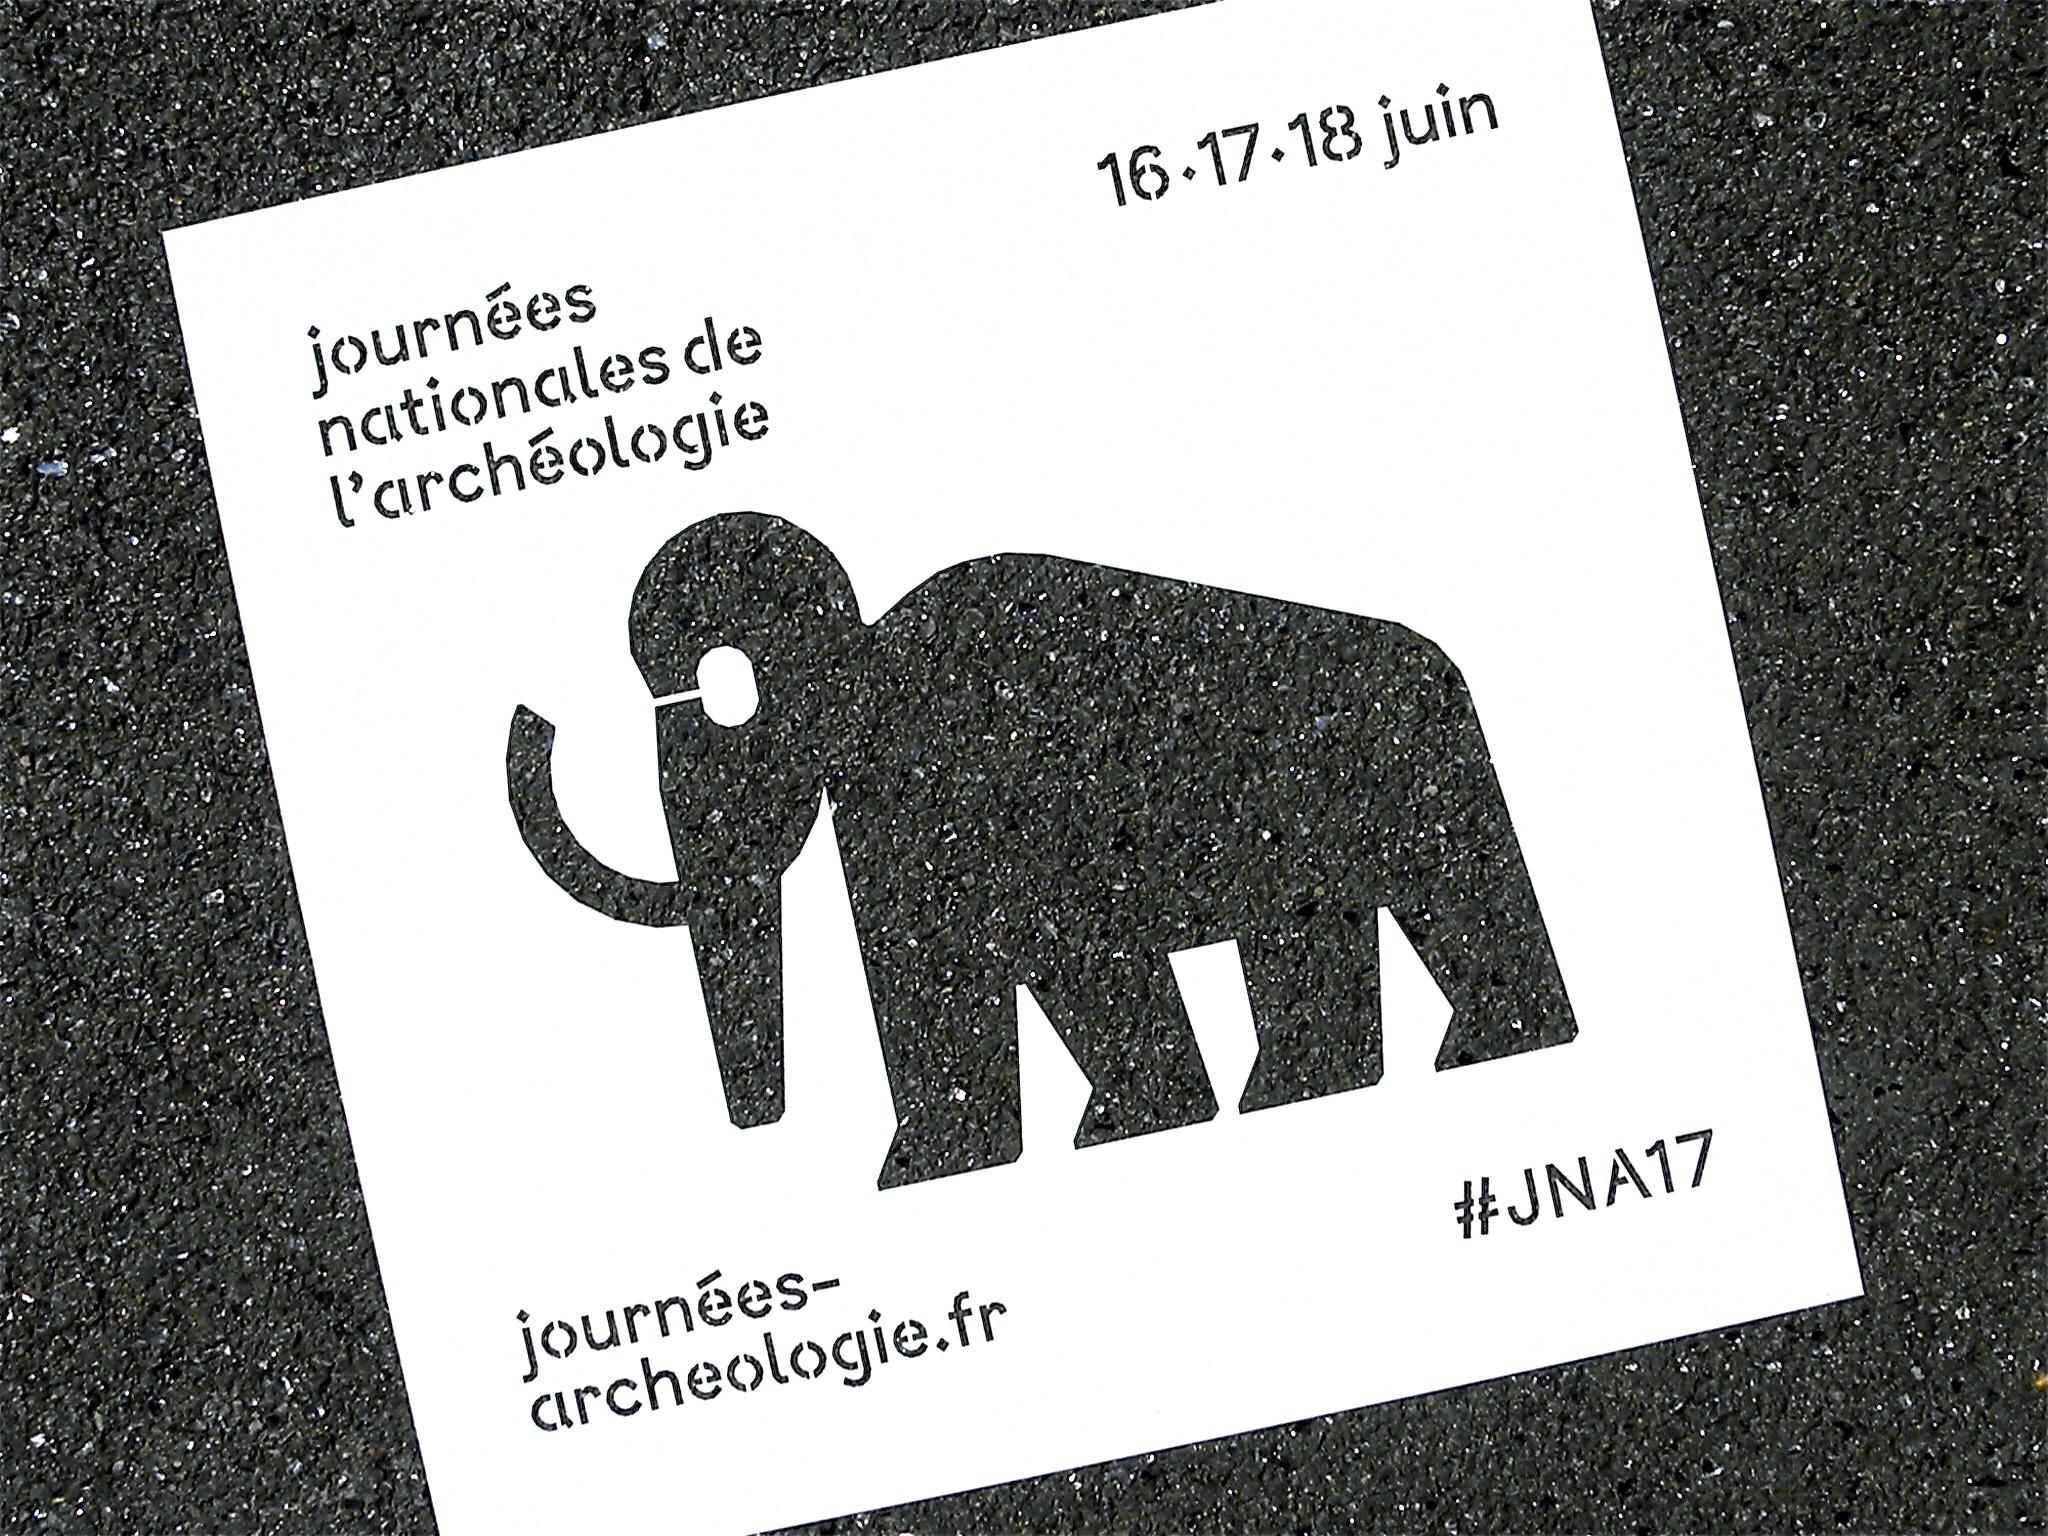 INRAP – JOURNÉES NATIONALES DE L'ARCHÉOLOGIE 2017